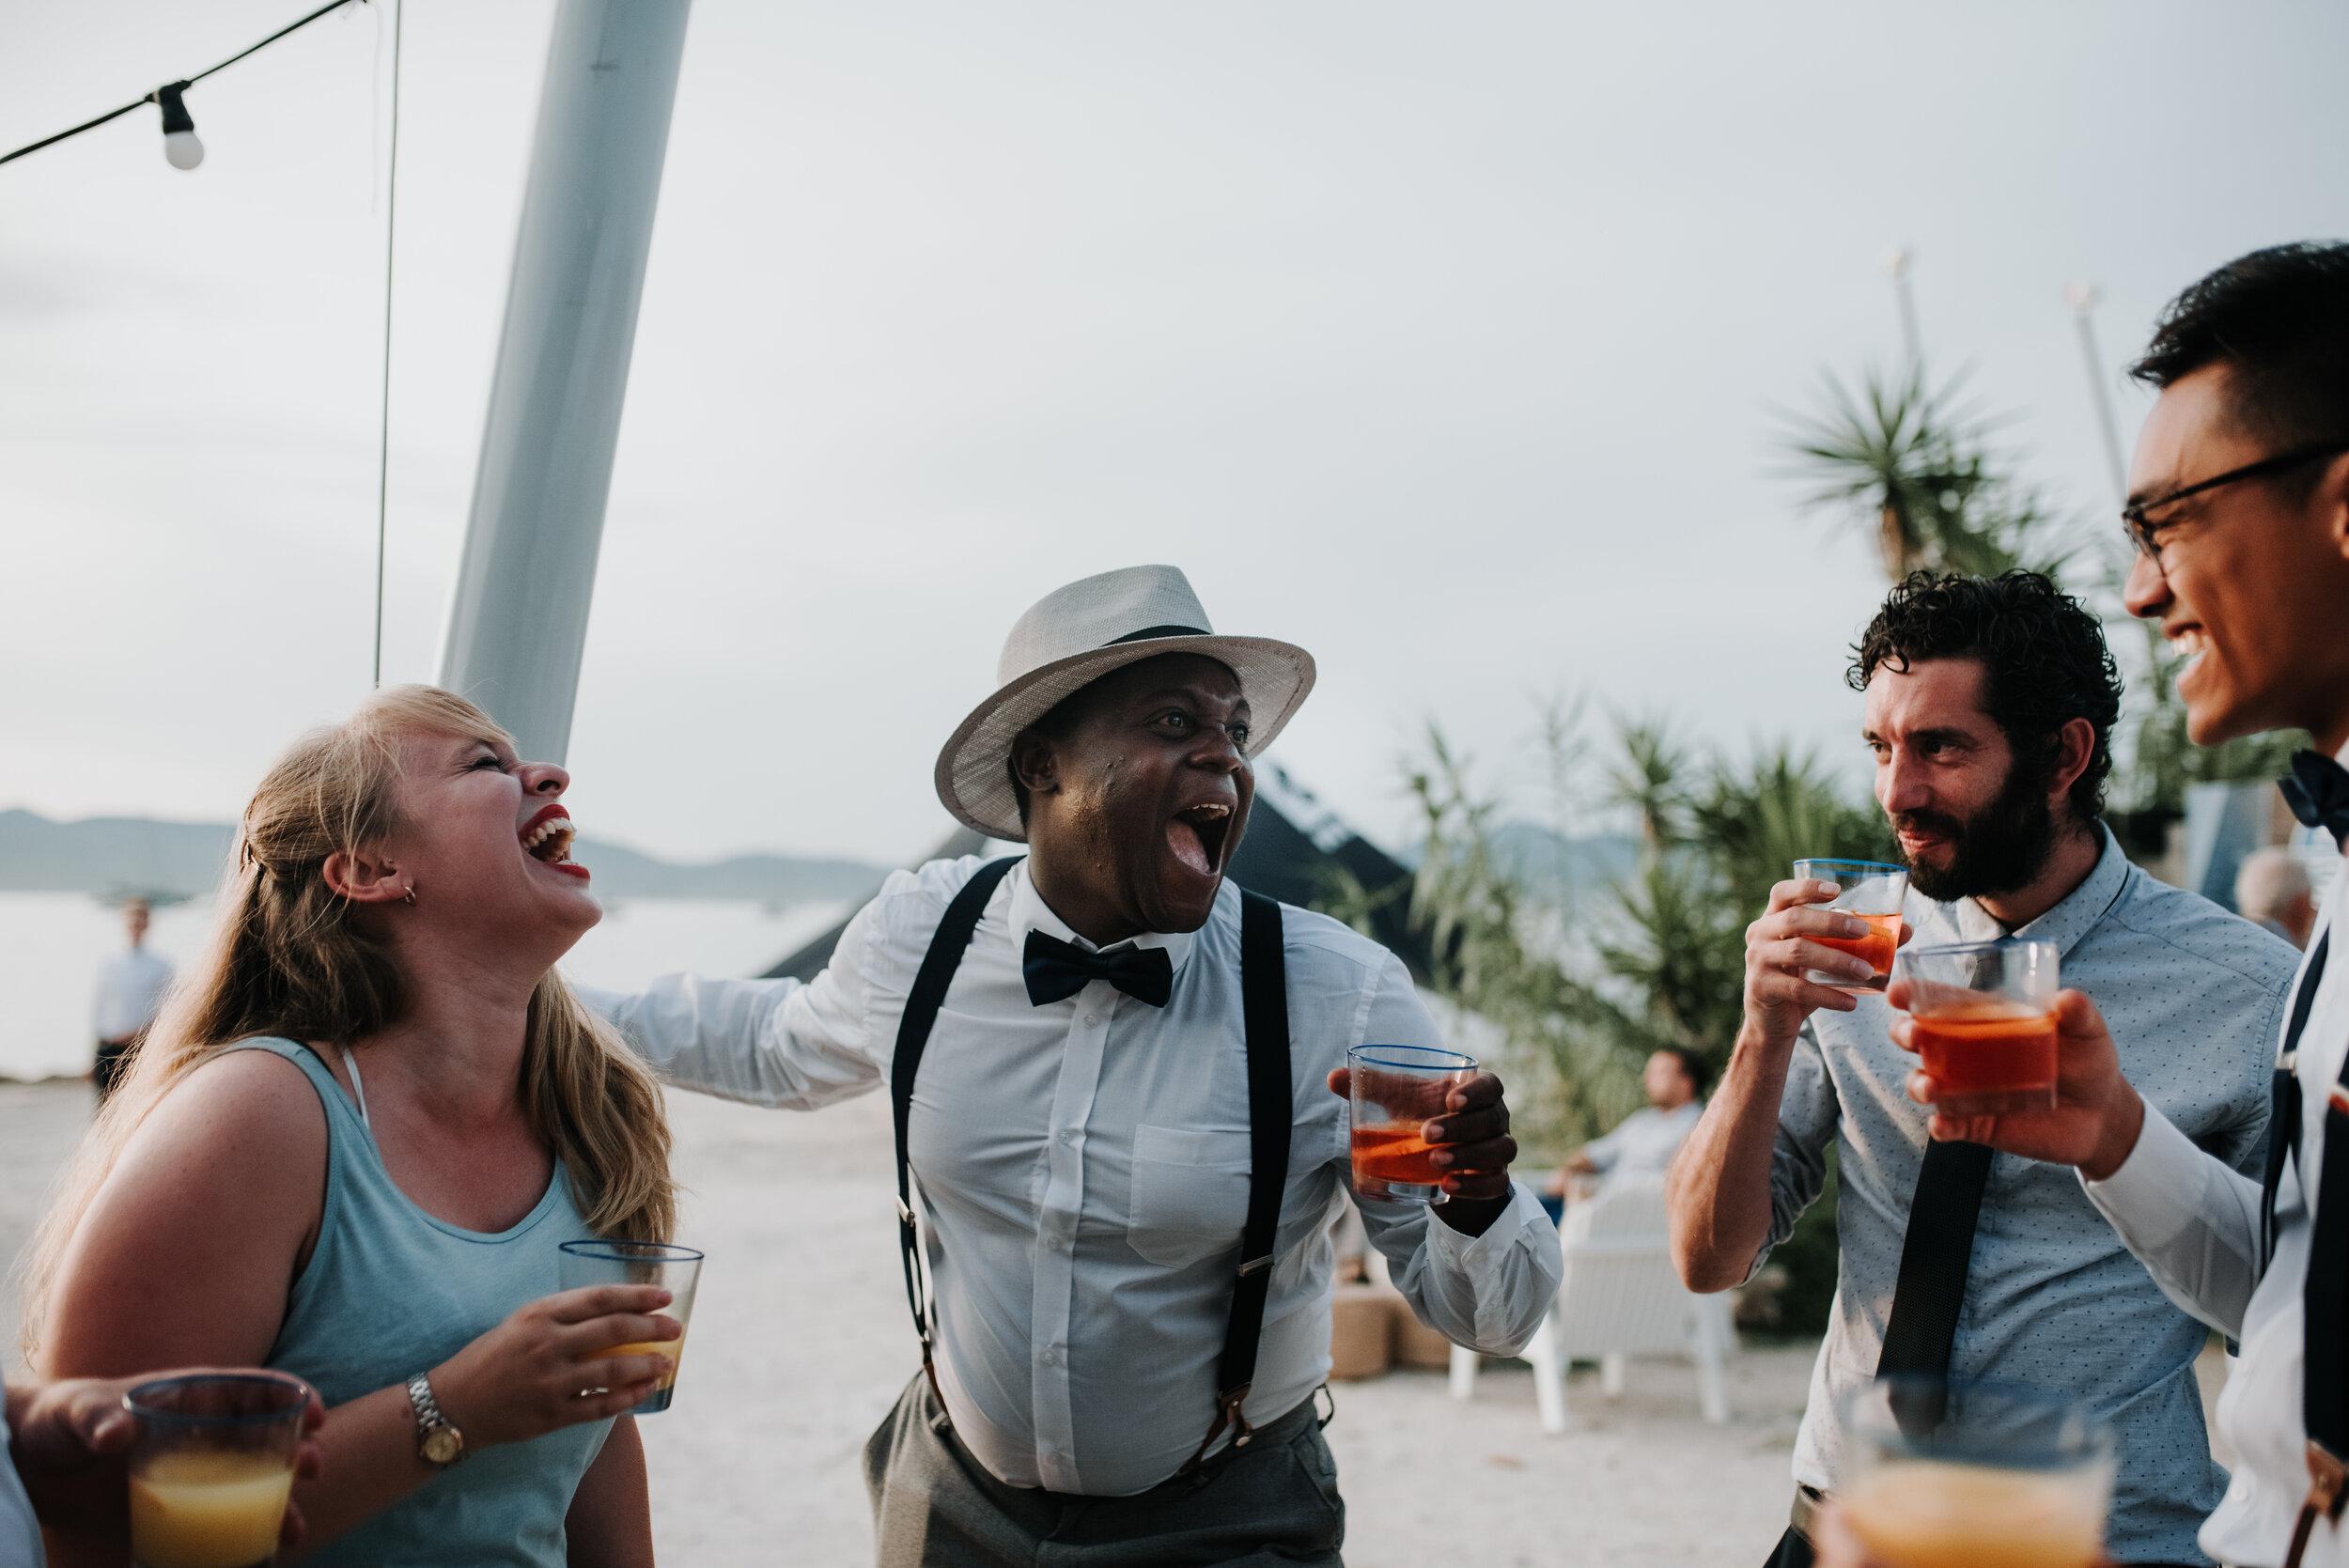 Léa-Fery-photographe-professionnel-Bretagne-portrait-creation-mariage-evenement-evenementiel-famille-9031.jpg